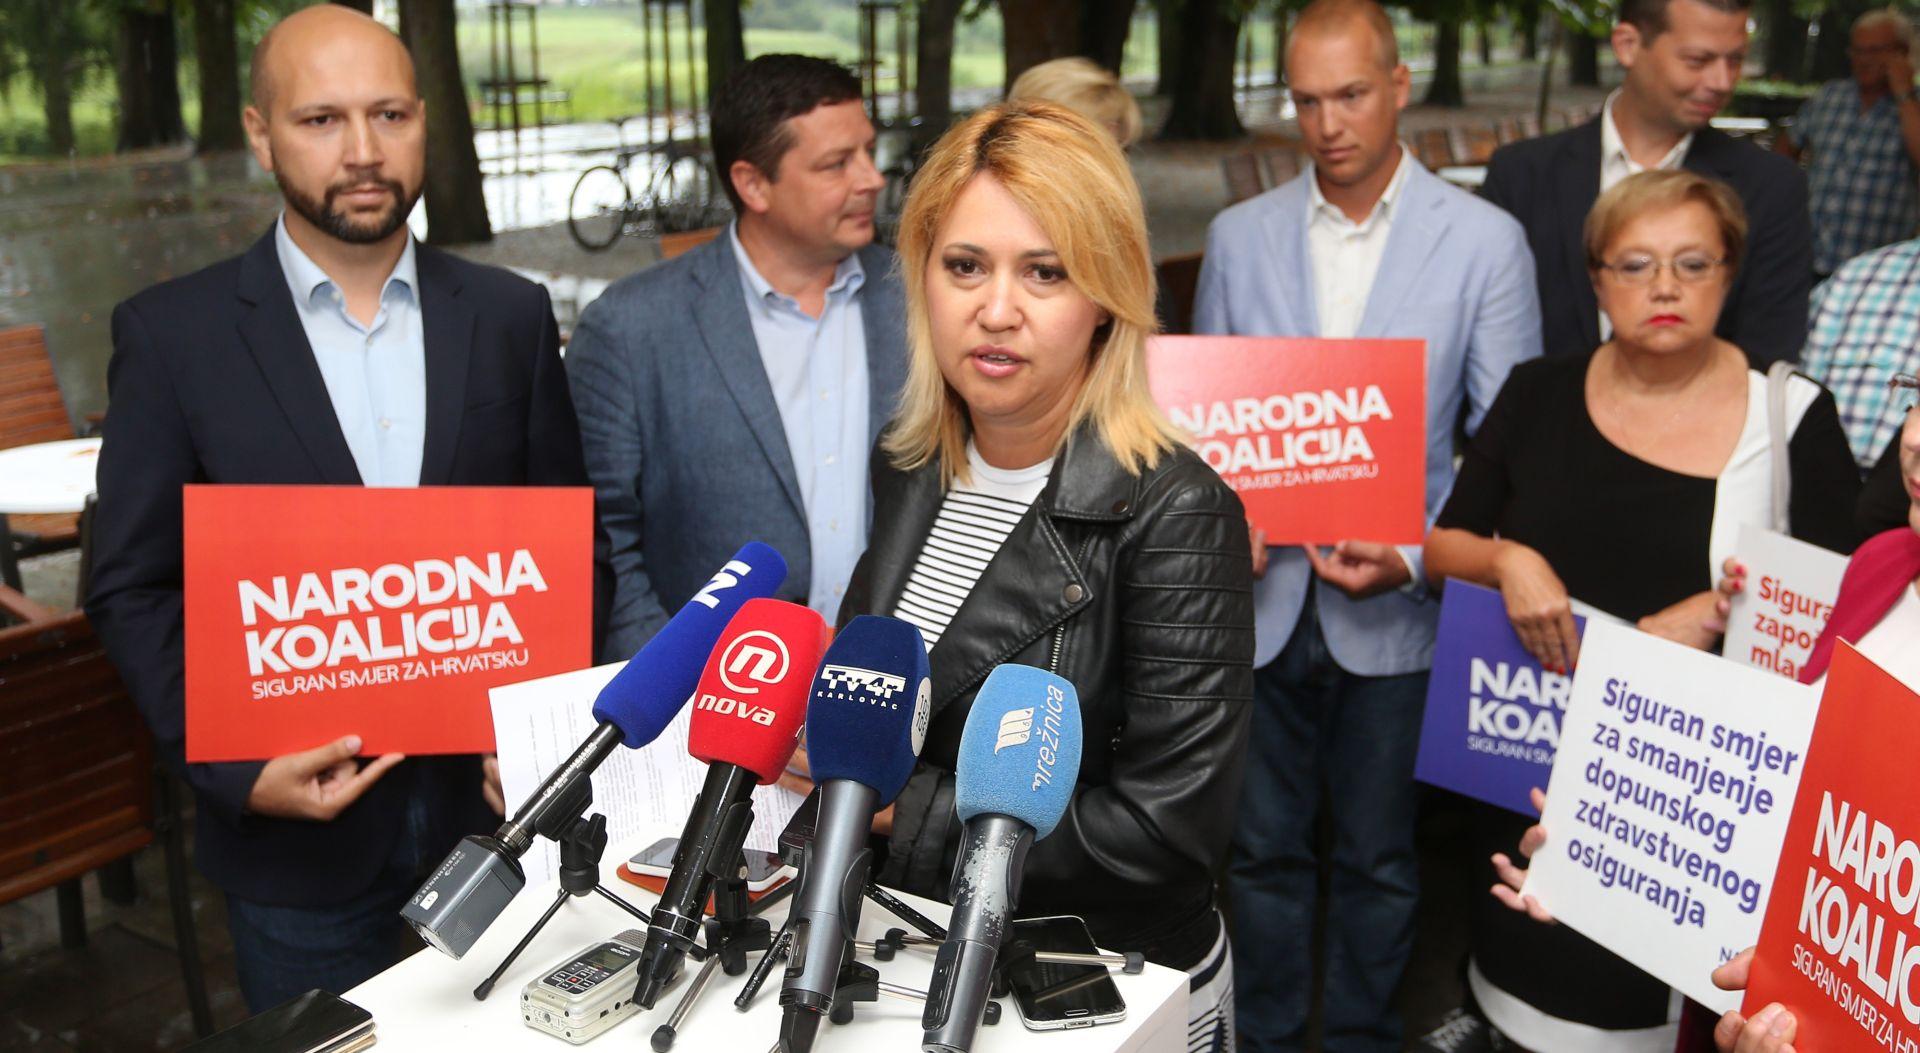 Opačić: Milanović ponovno pokazao svoju veličinu razgovarajući s onima koji su nas rušili